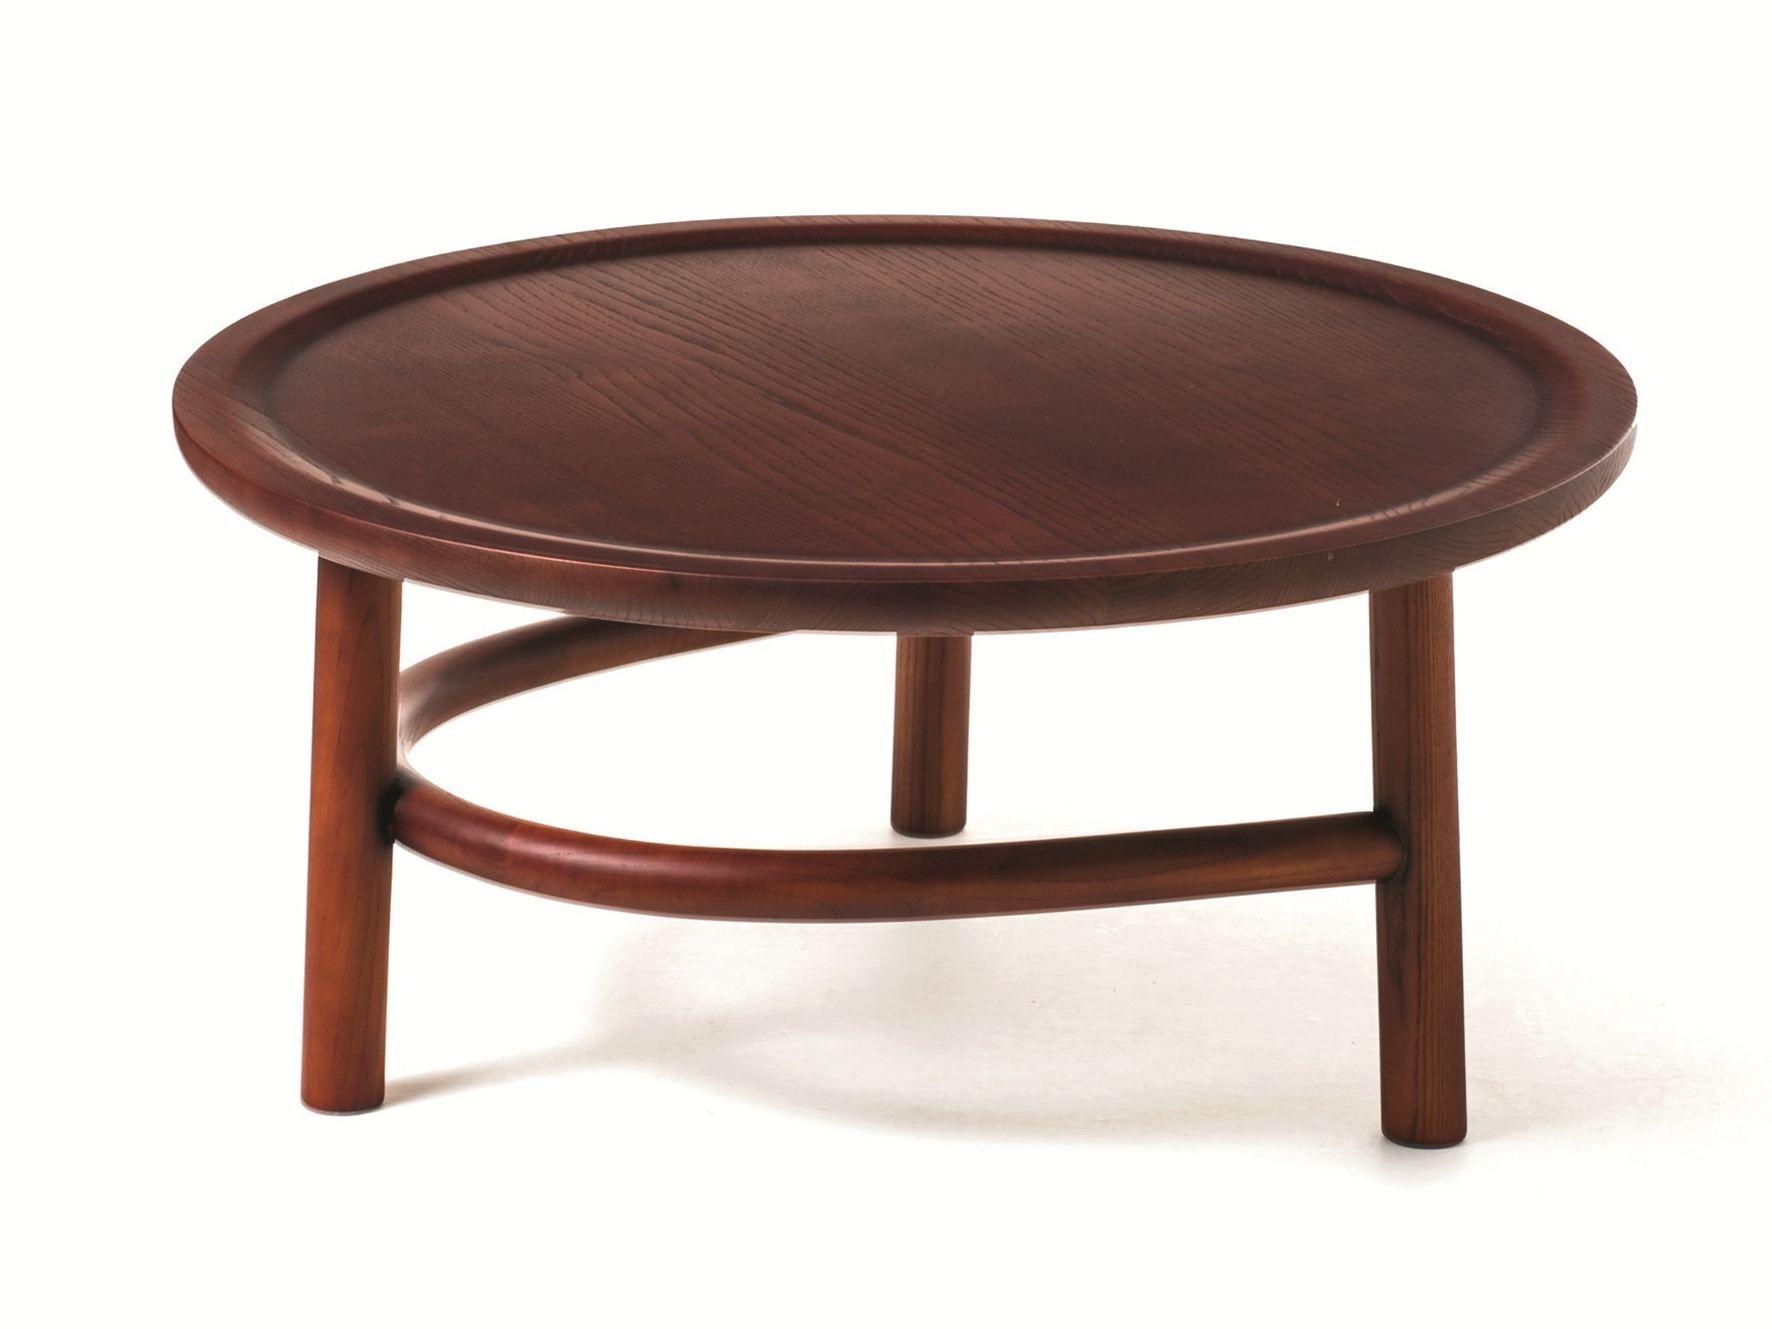 Unam T01 Coffee Table By Very Wood Design Sebastian Herkner